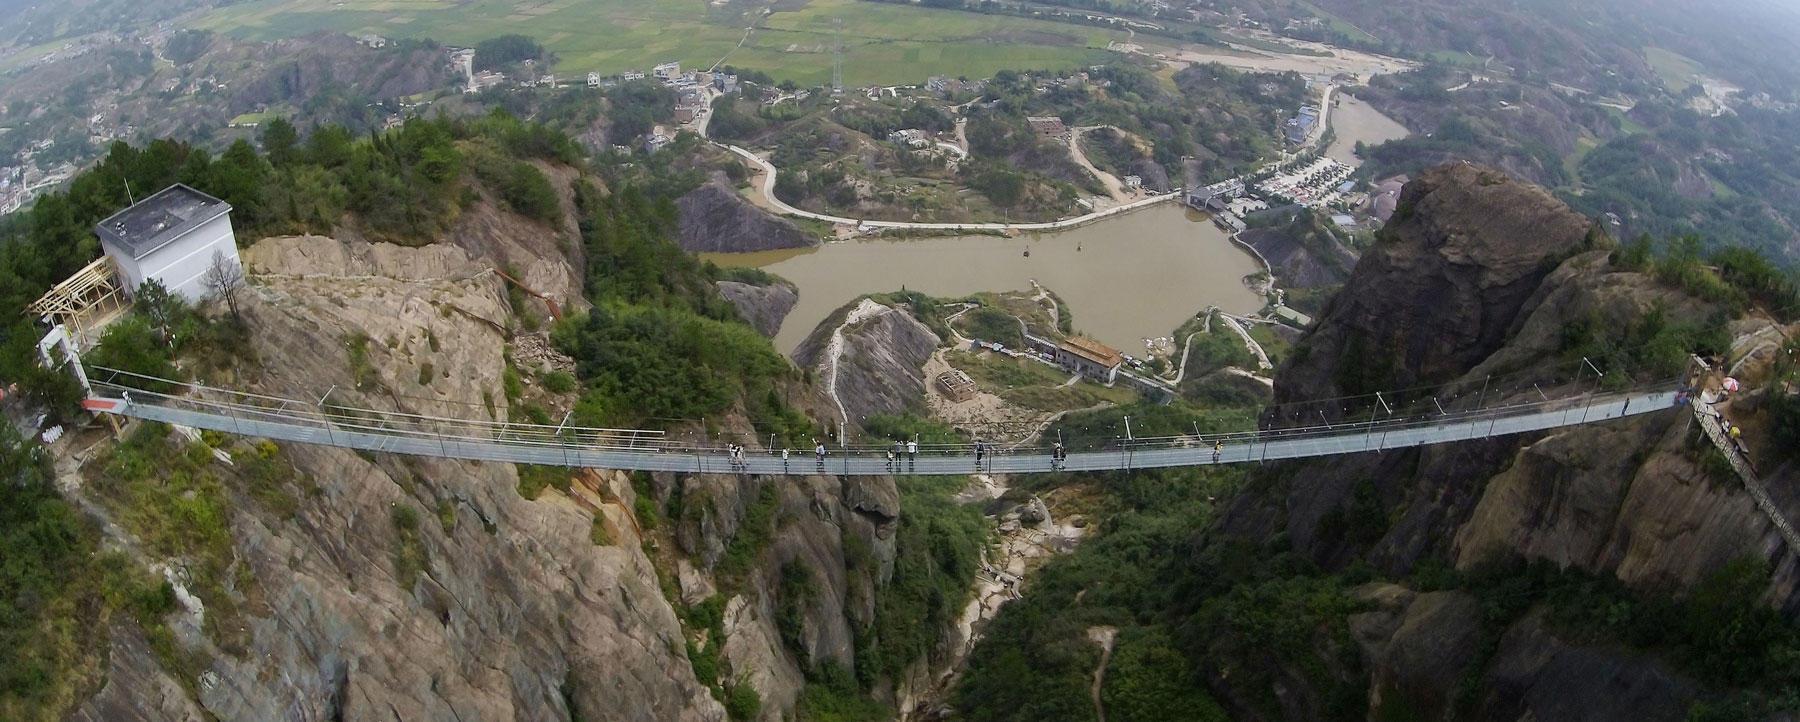 Brave Man's Bridge